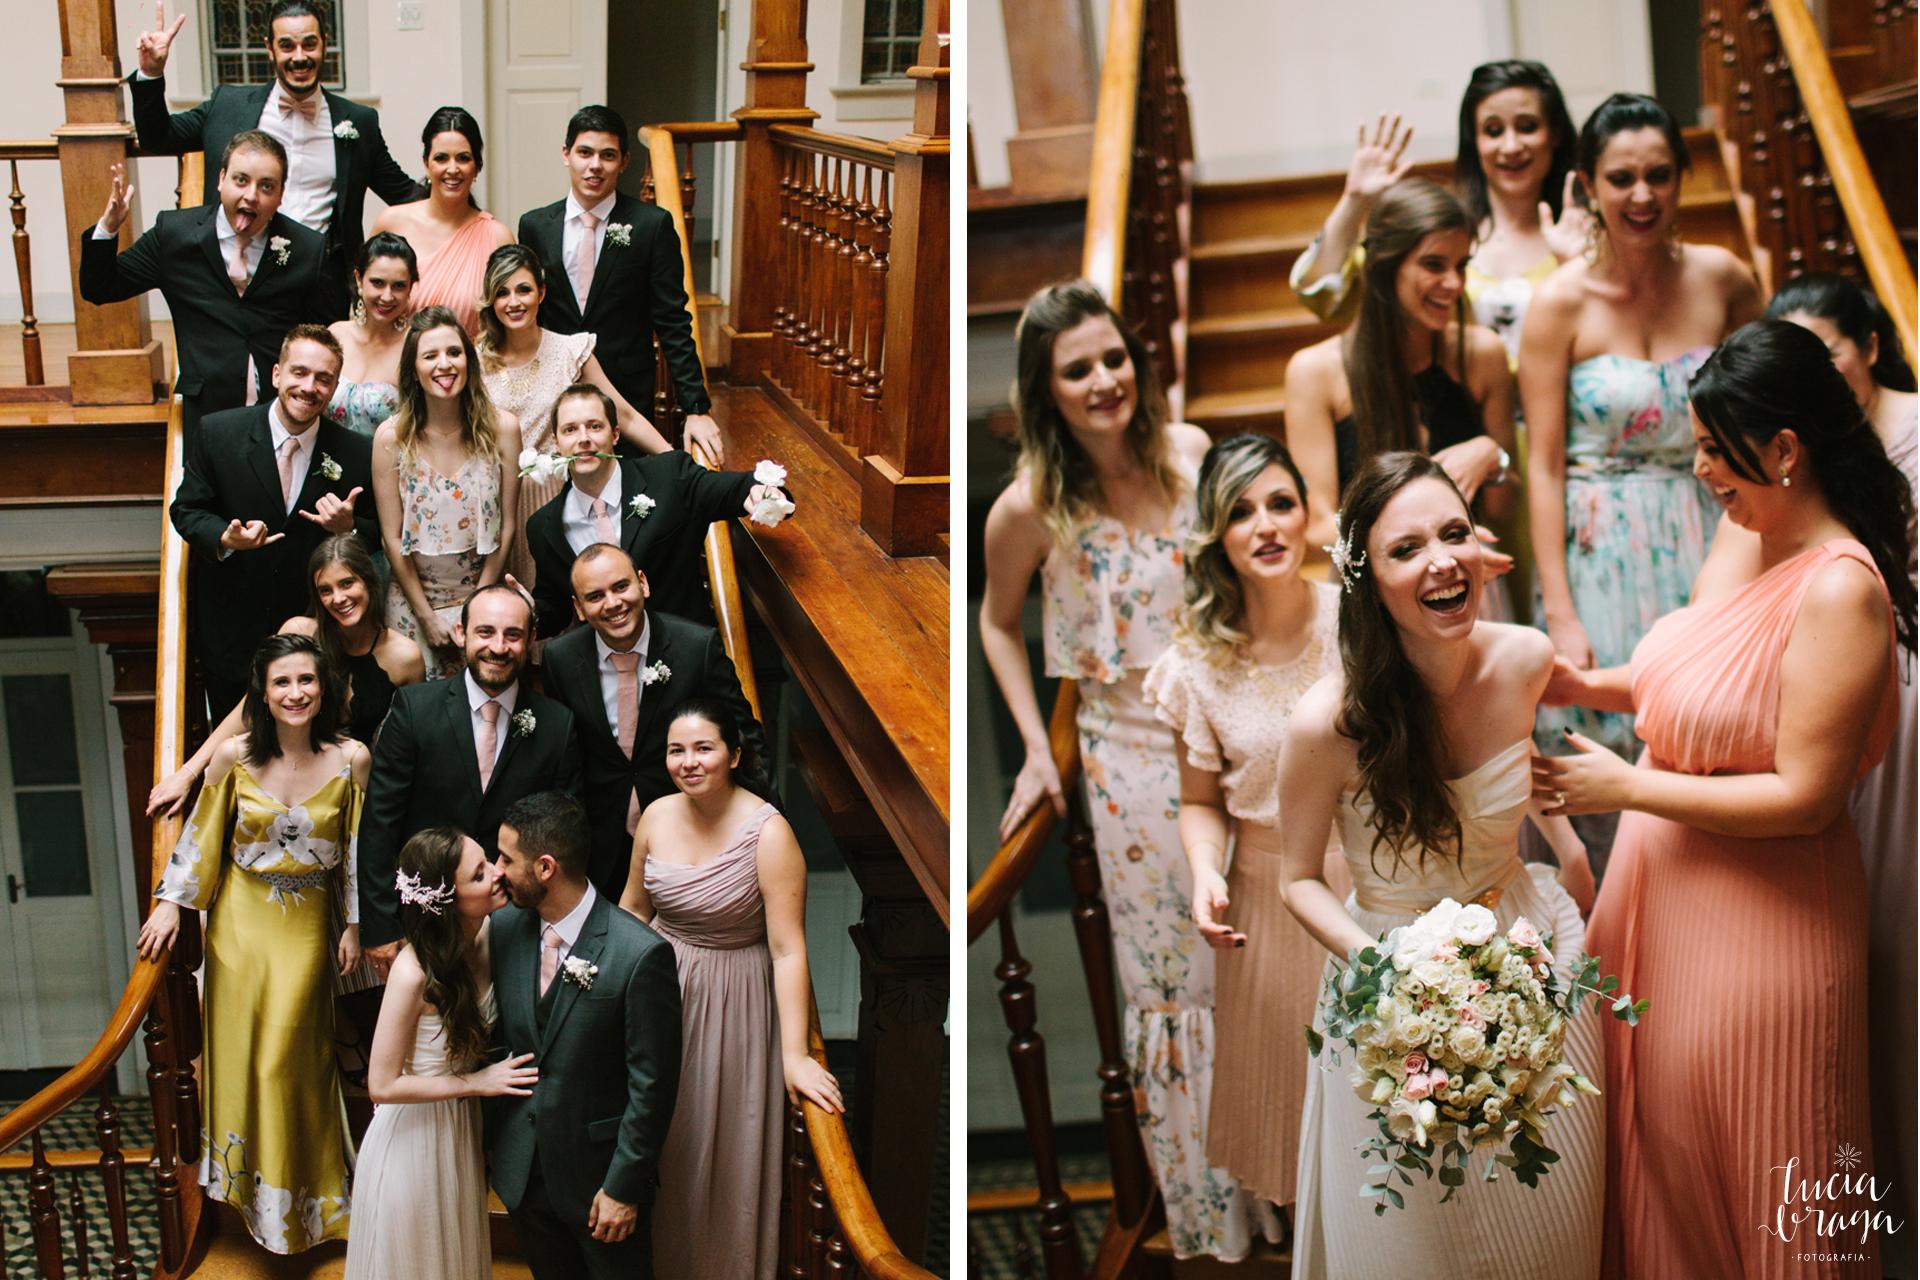 casamento campanha, colegio sion, capela sion, fotografo minas gerais, fotografo são paulo, fotografia de casamento, casamento de dia, mini wedding